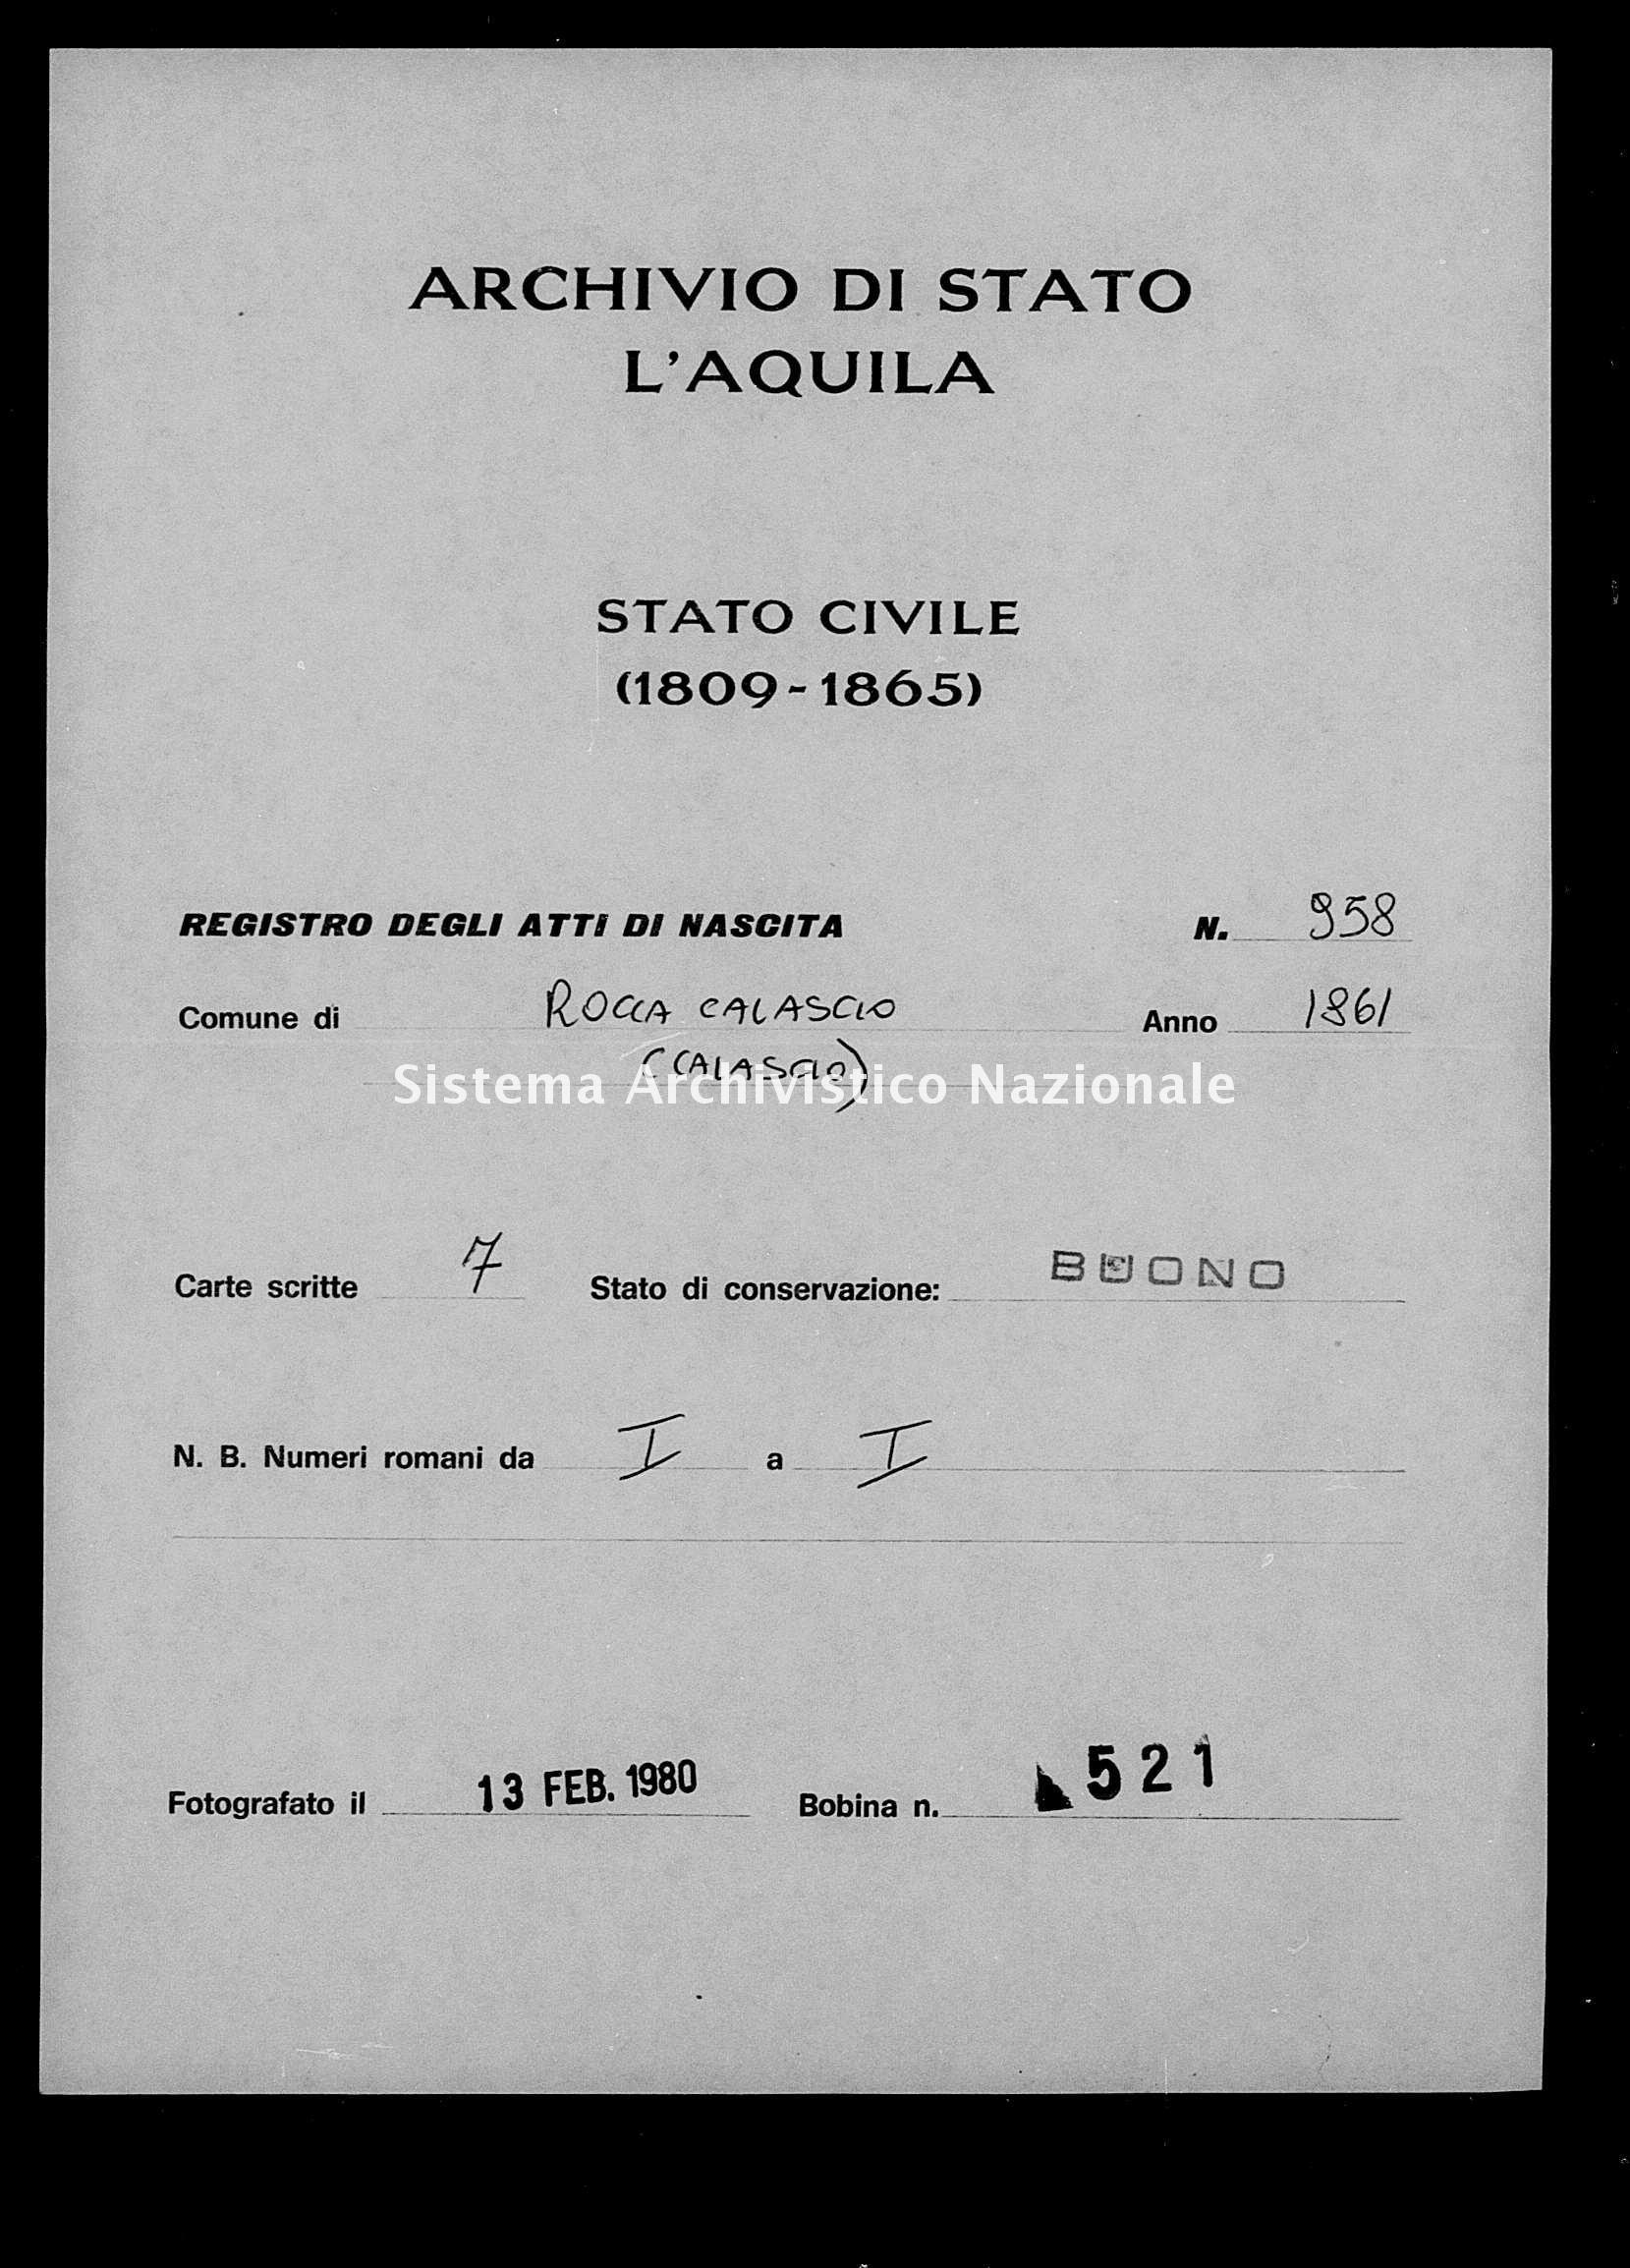 Archivio di stato di L'aquila - Stato civile italiano - Rocca Calascio - Nati - 1861 - 958 -